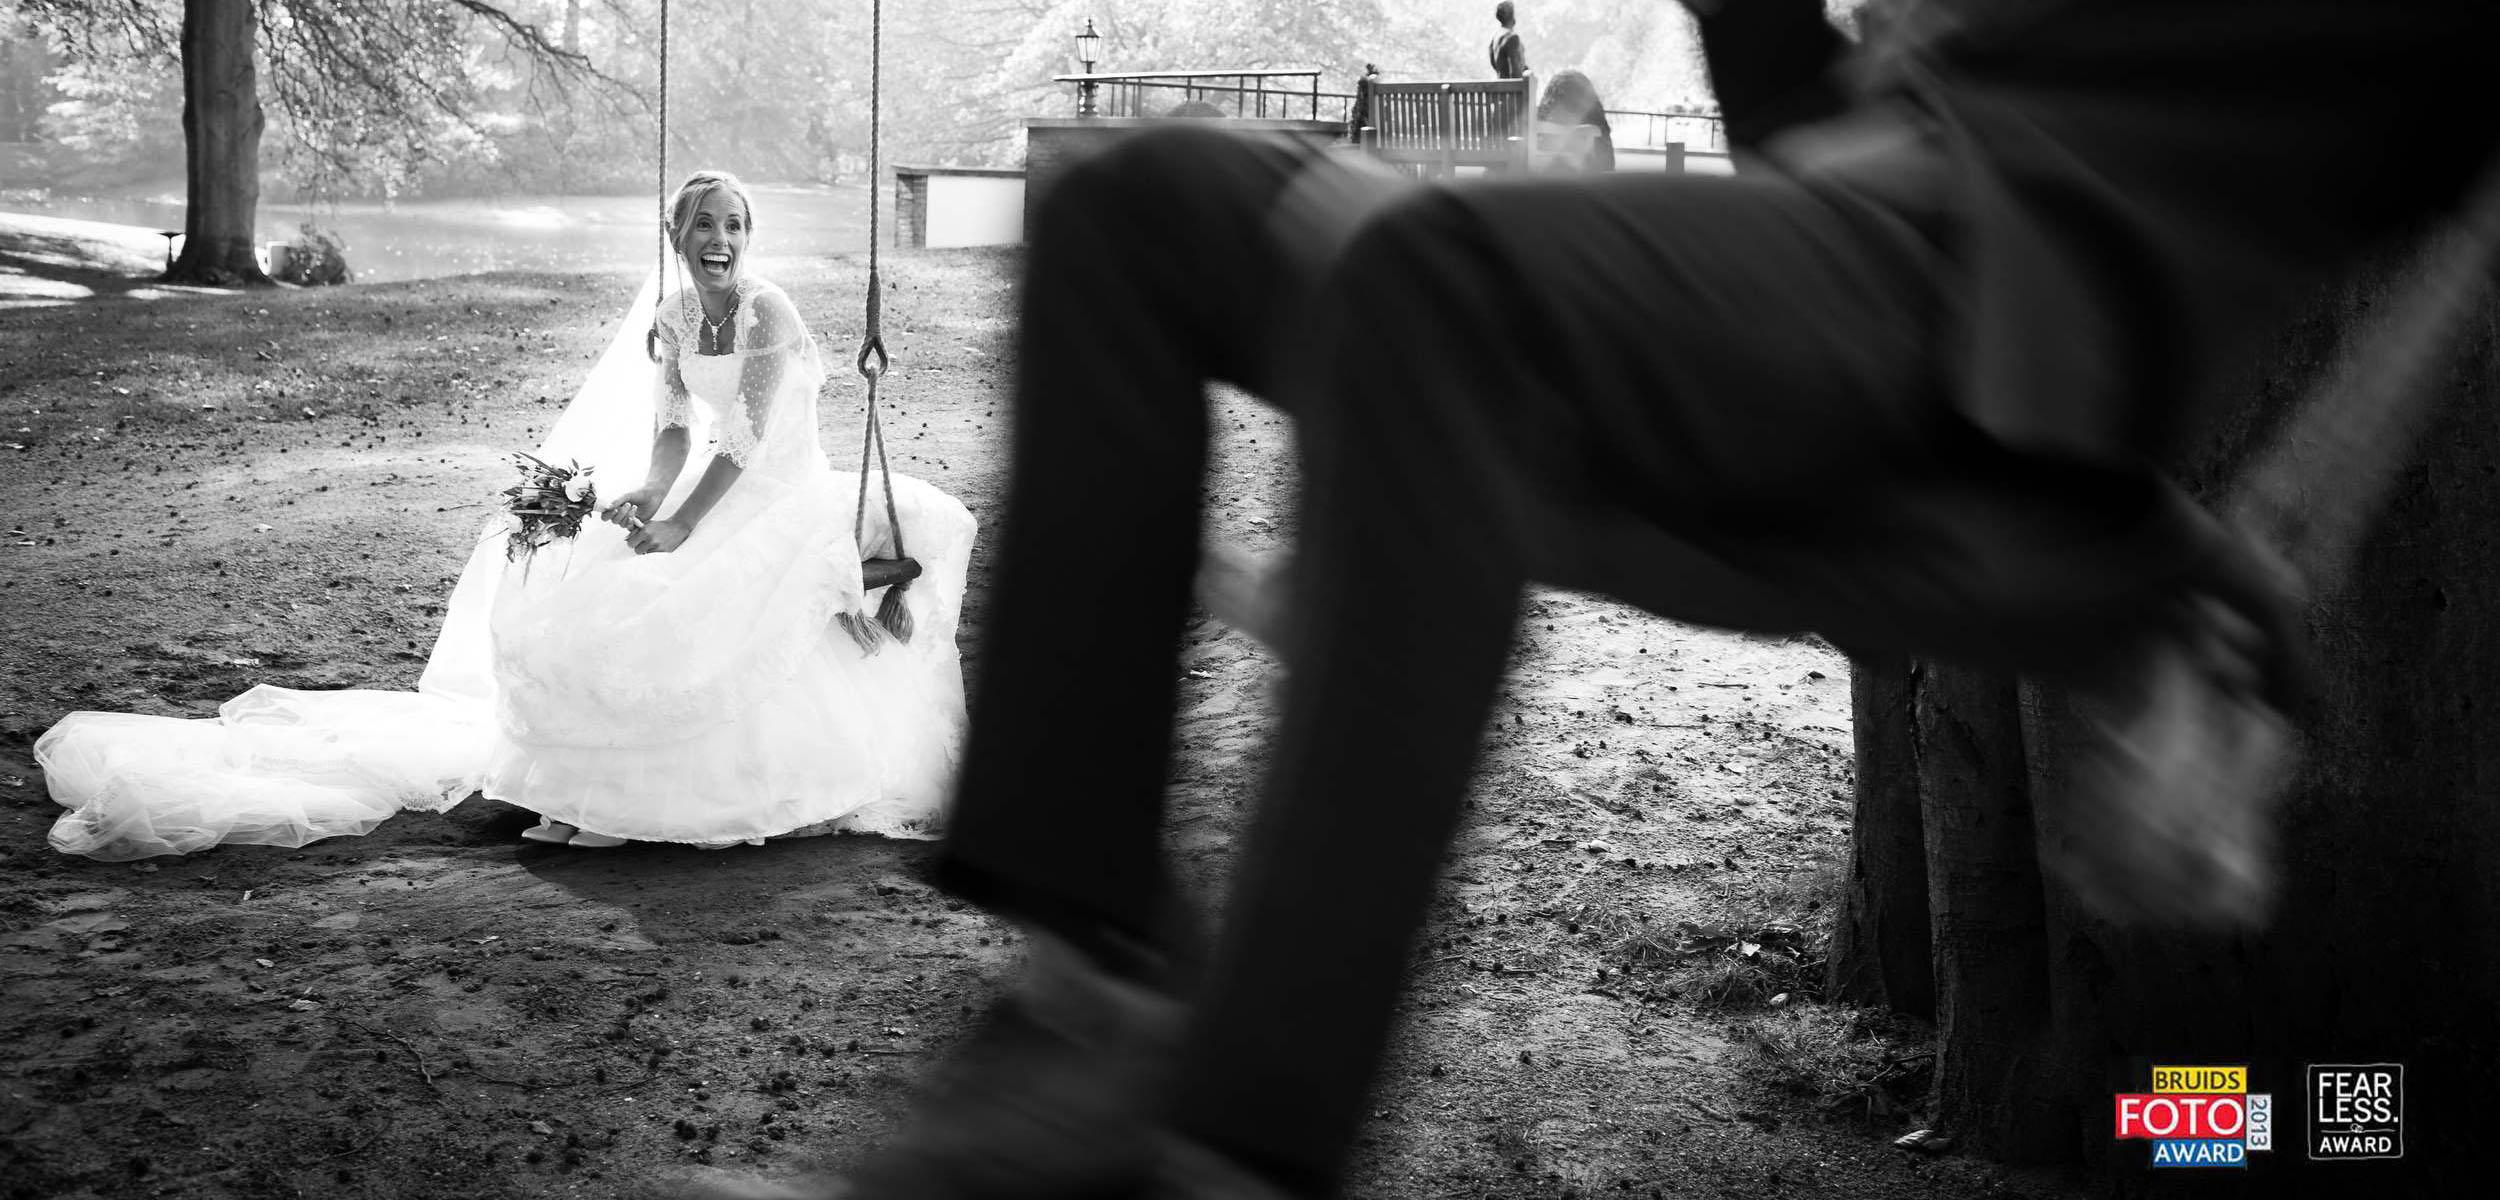 slider evert doorn trouwfotografie sprankelende en stijlvolle trouwfotografie en exclusieve handgemaakte albums 01